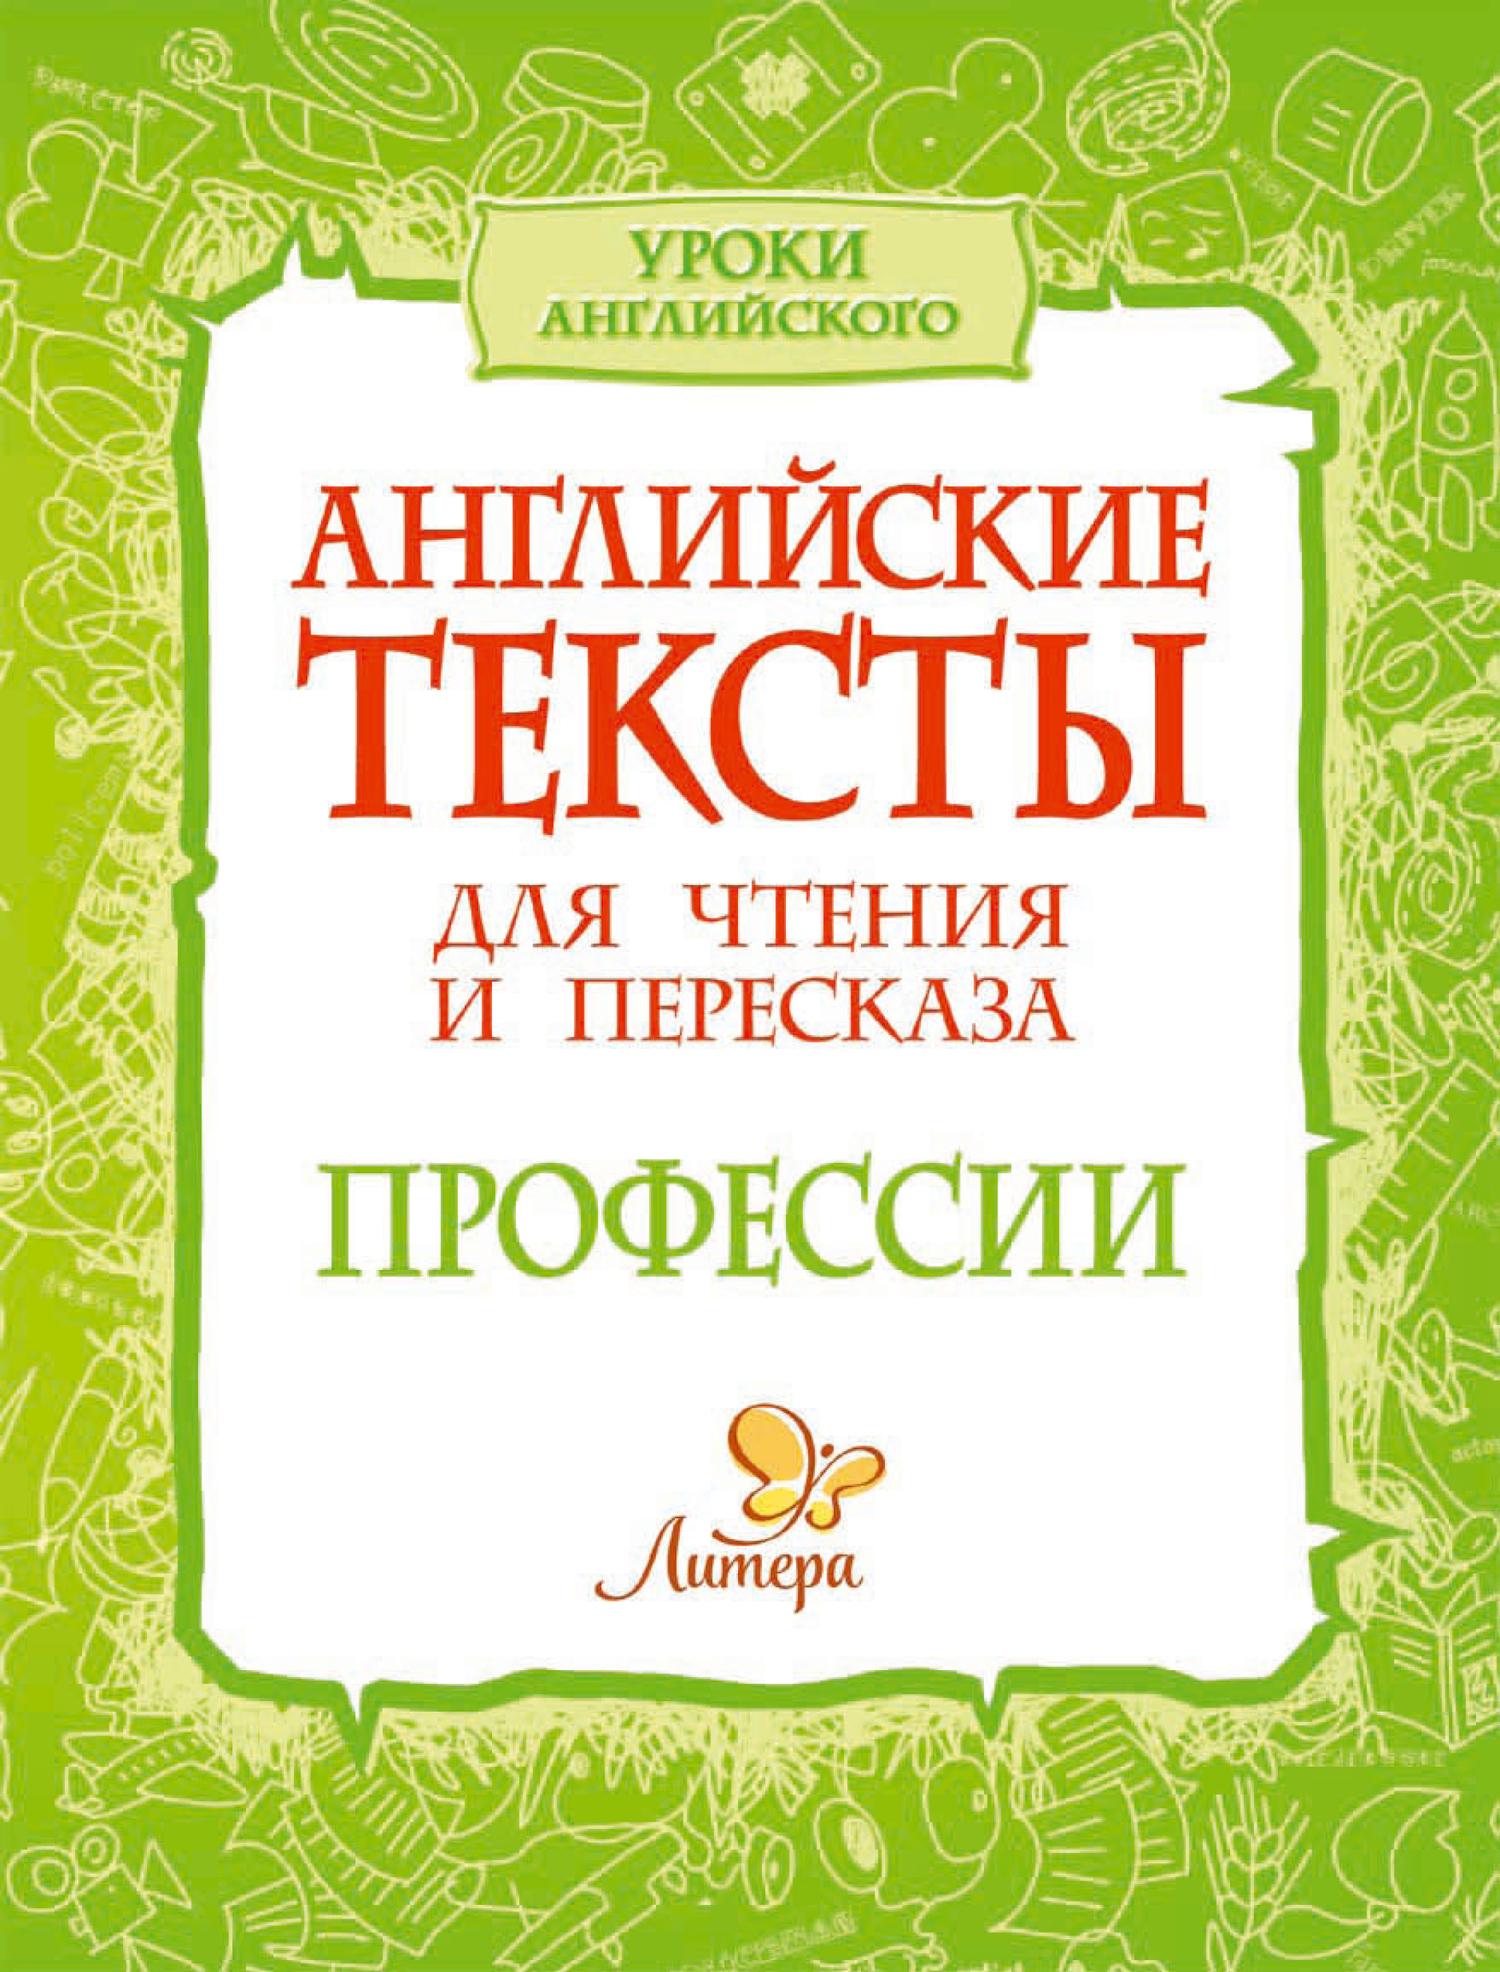 Обложка книги Английские тексты для чтения и пересказа. Профессии, автор Елена Ганул